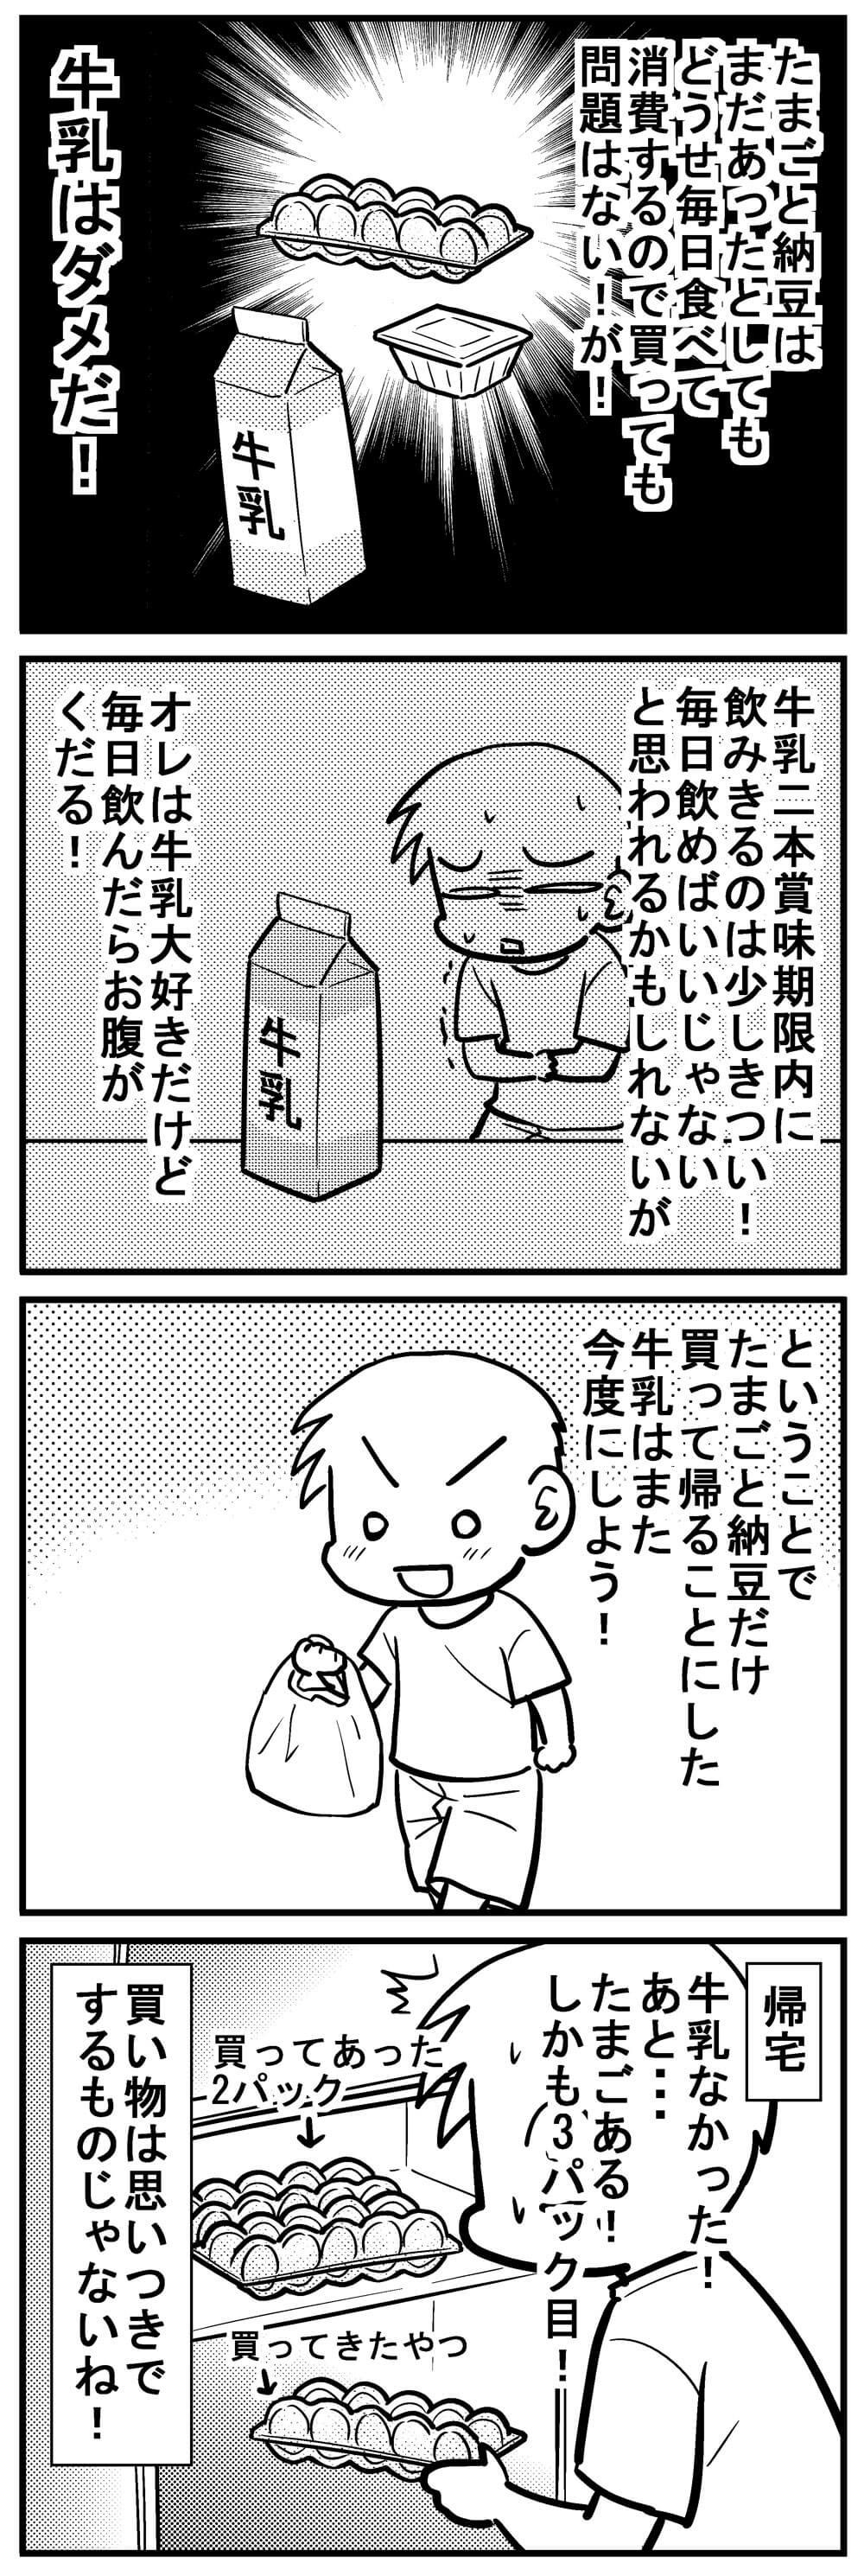 深読みくん149-2